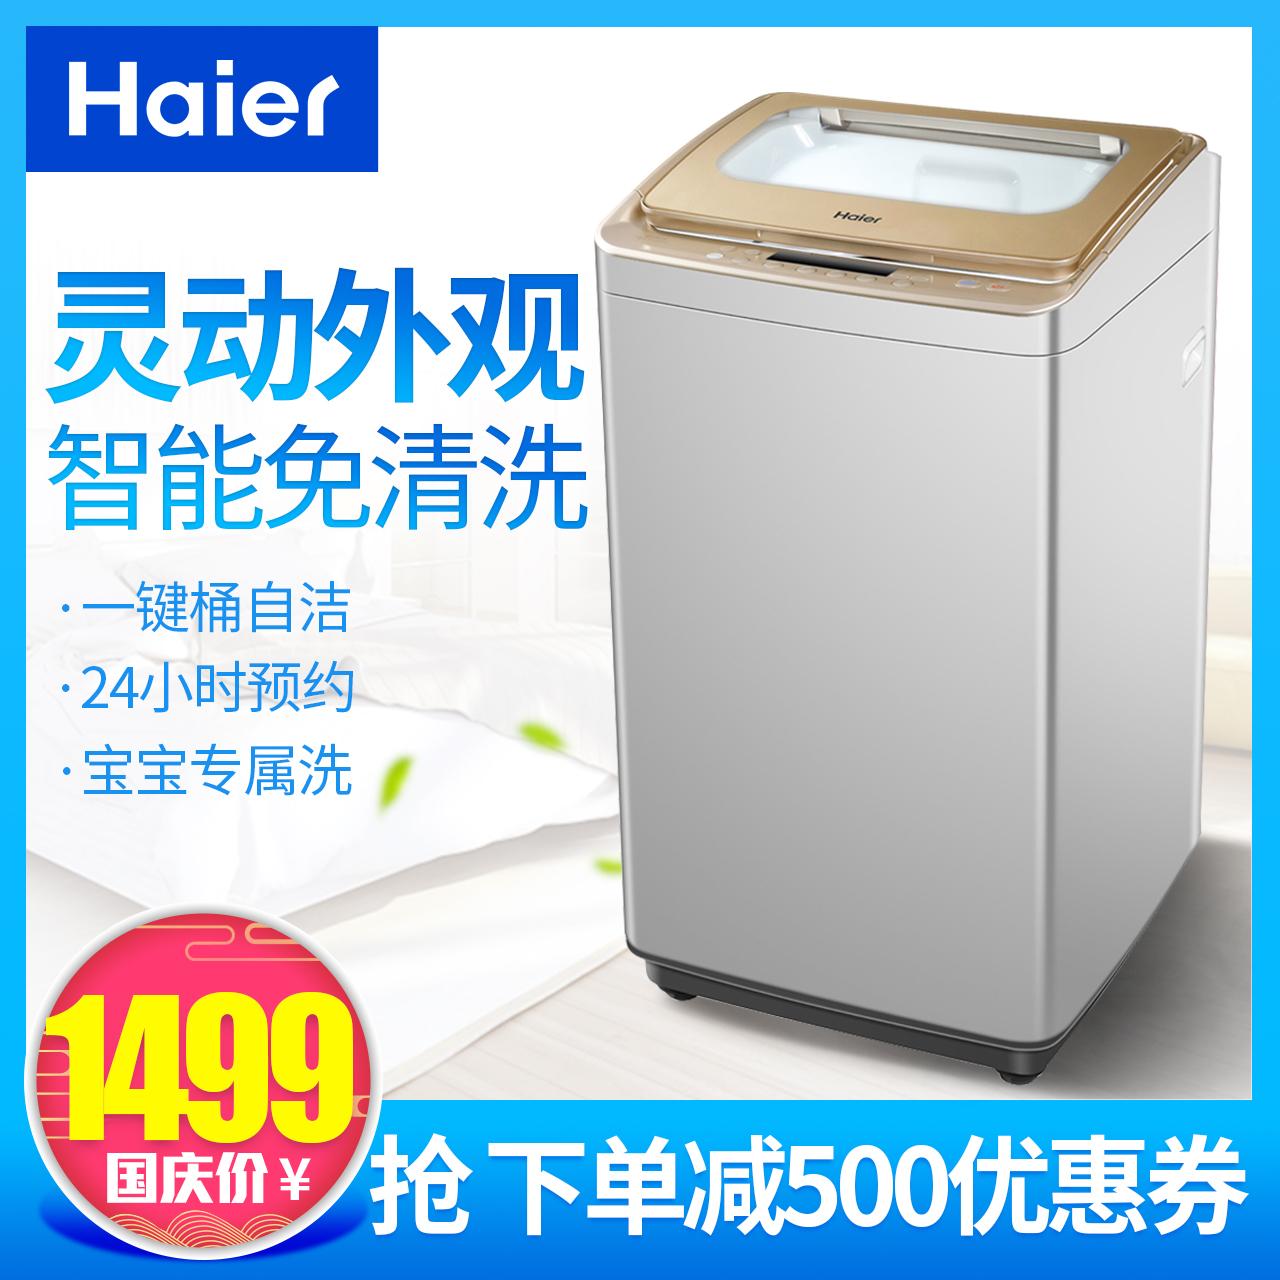 海尔(Haier)3KG公斤迷你宝宝全自动洗衣机 婴童婴儿专洗内衣